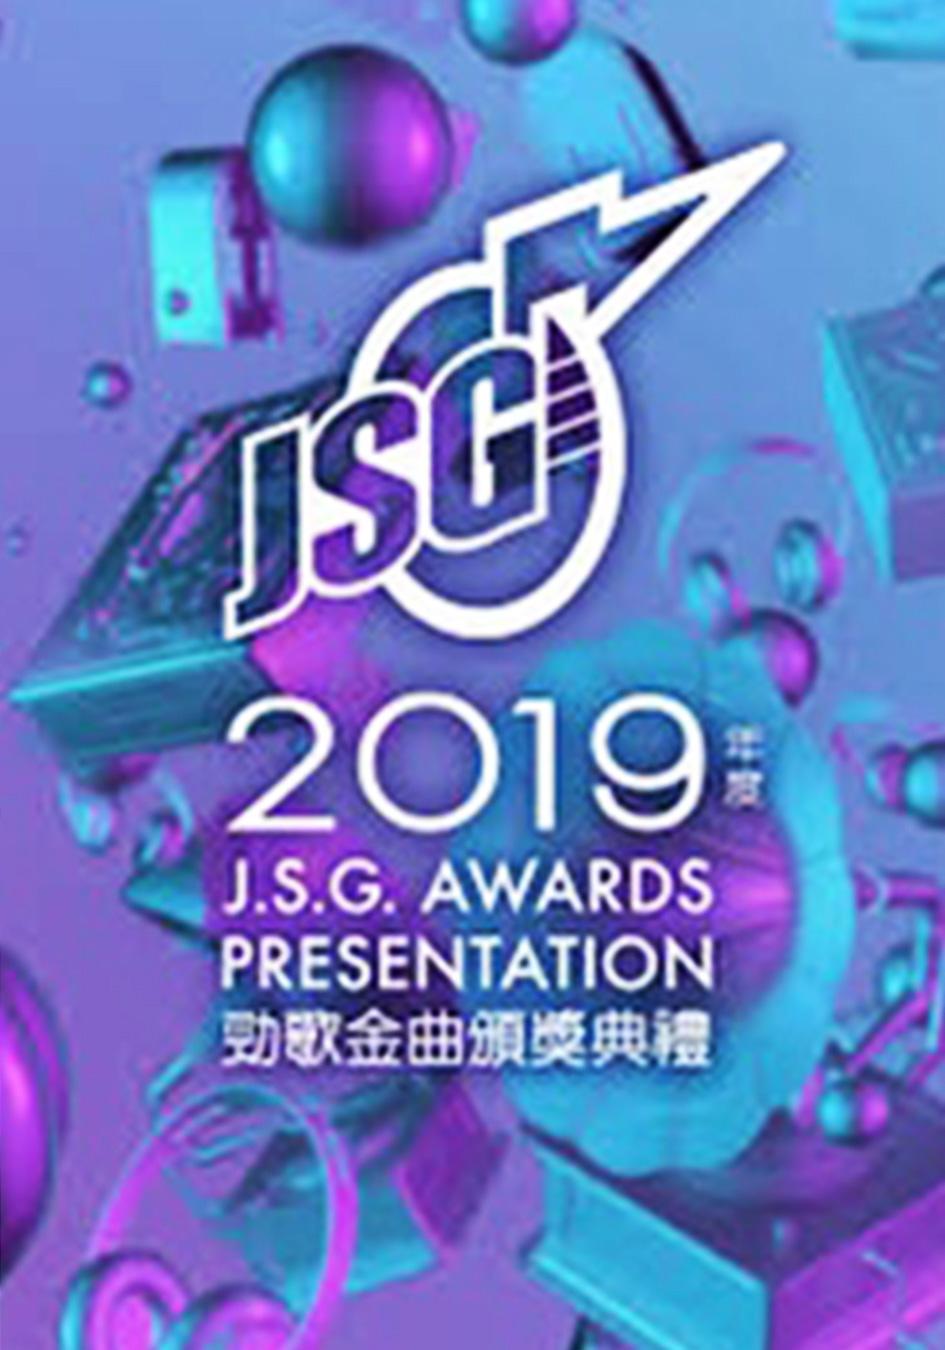 2019年度勁歌金曲頒獎典禮-J.S.G. Awards Presentation 2019